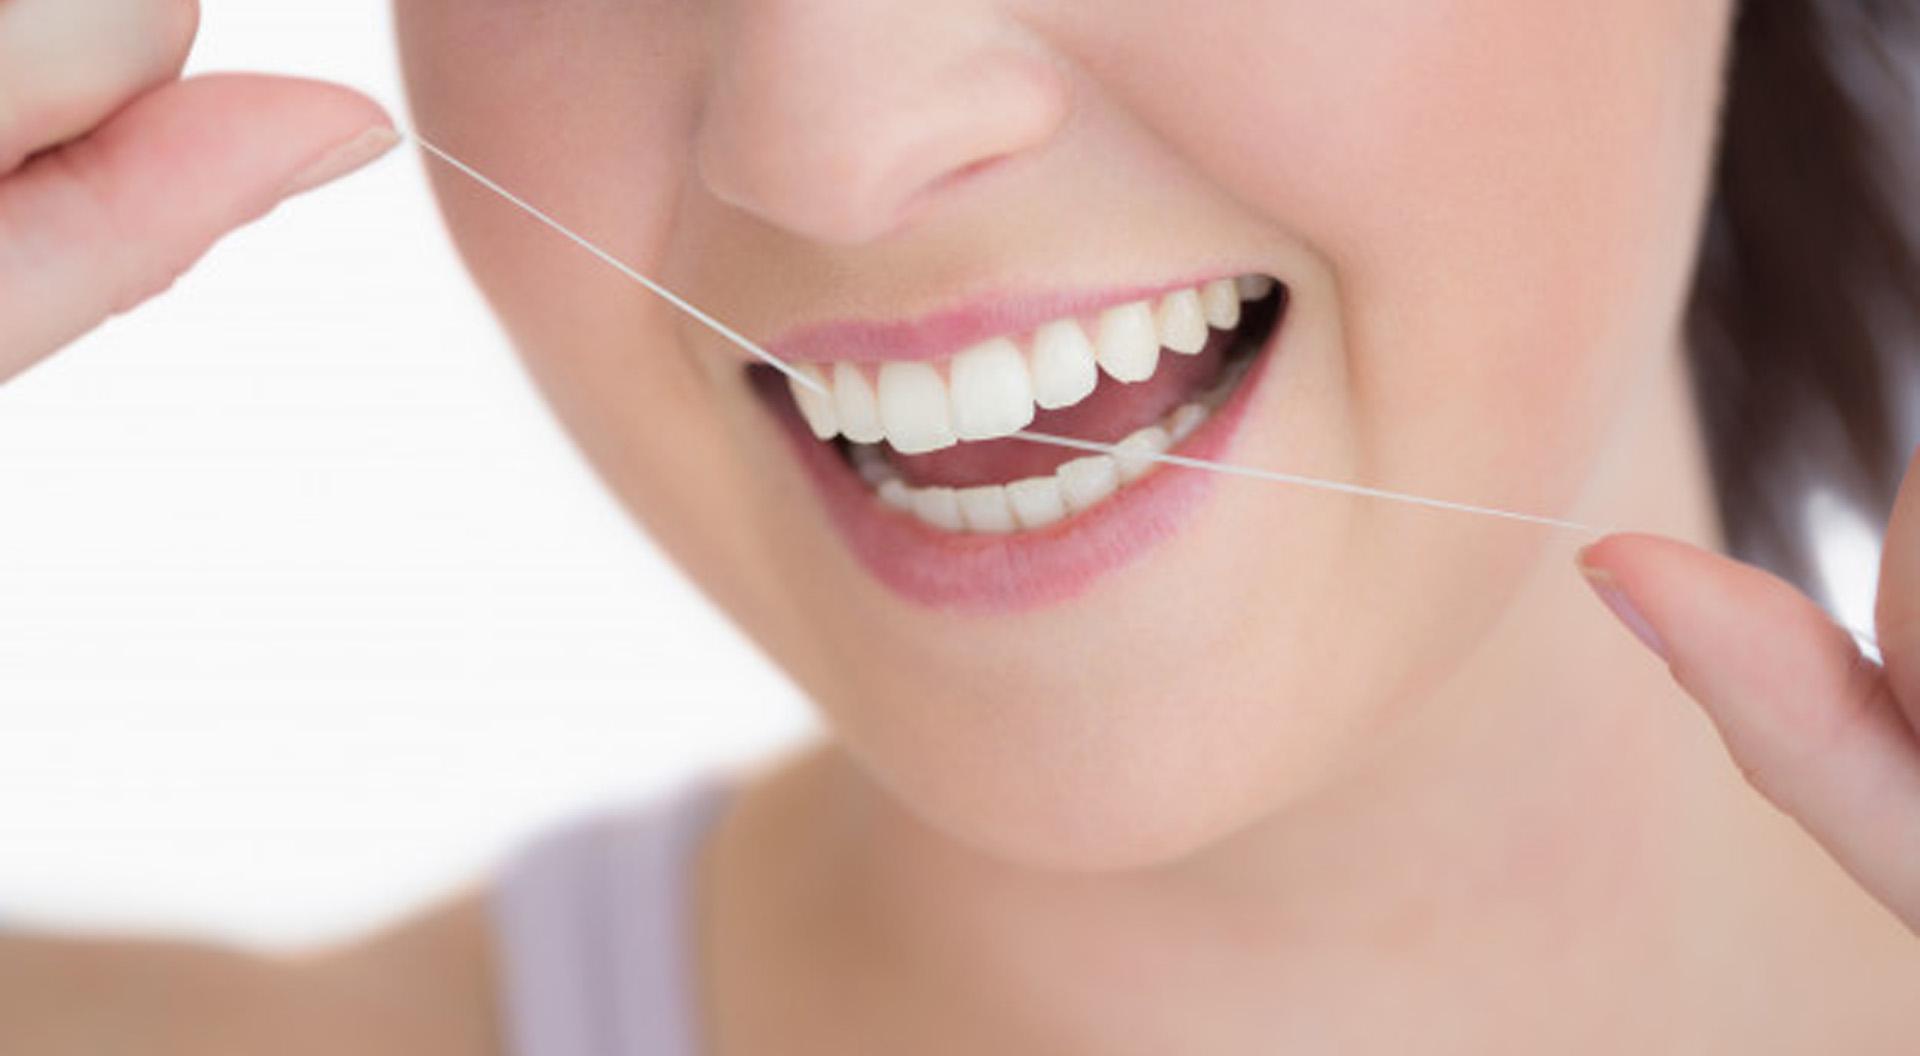 Mundhygiene-Tipp 2: Zahnseide anwenden